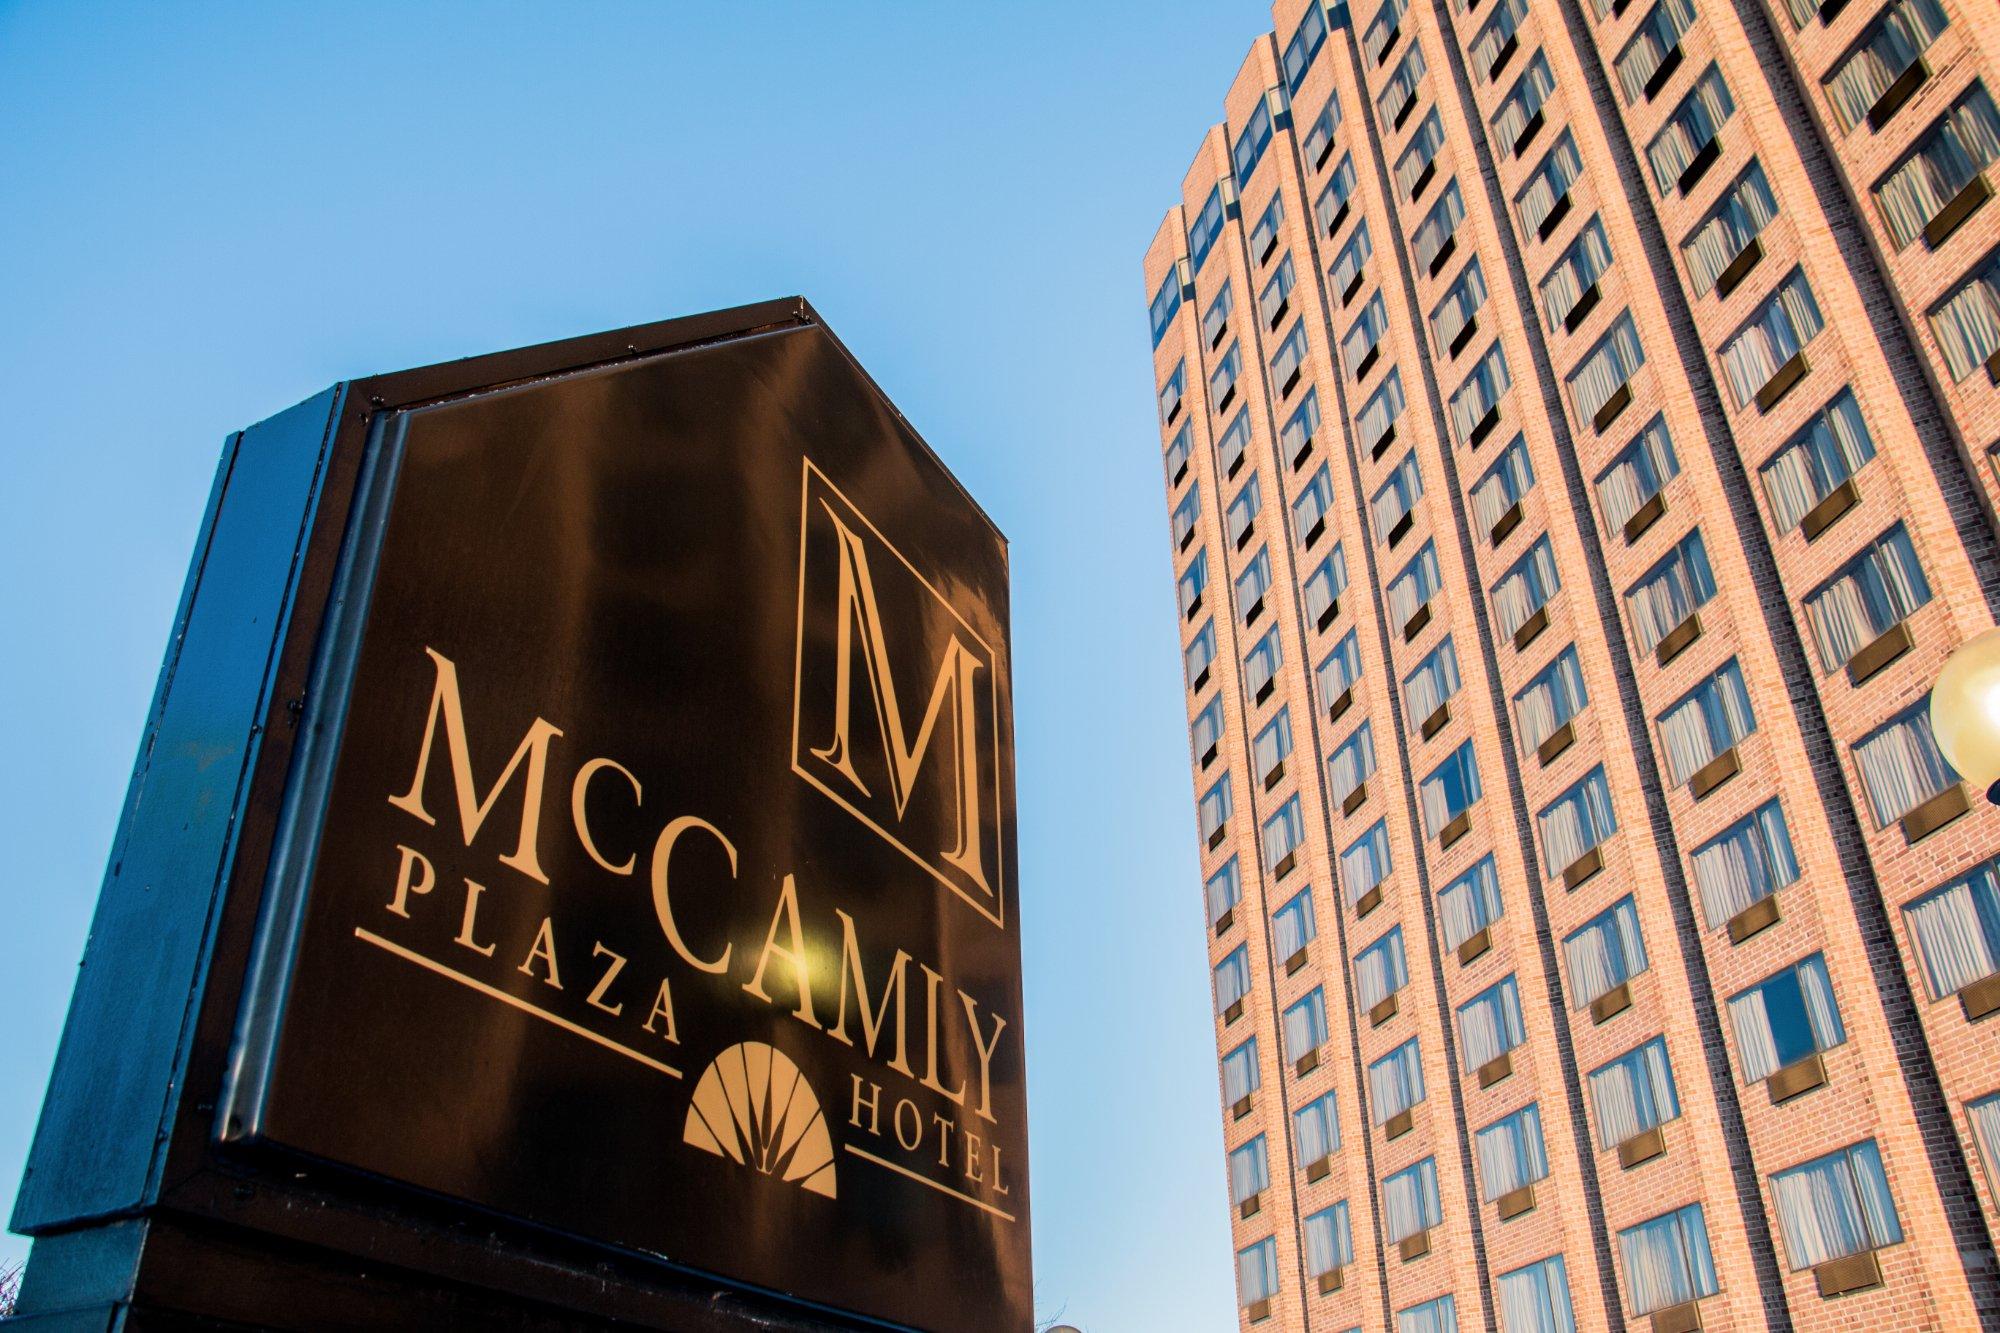 맥캠리 플라자 호텔